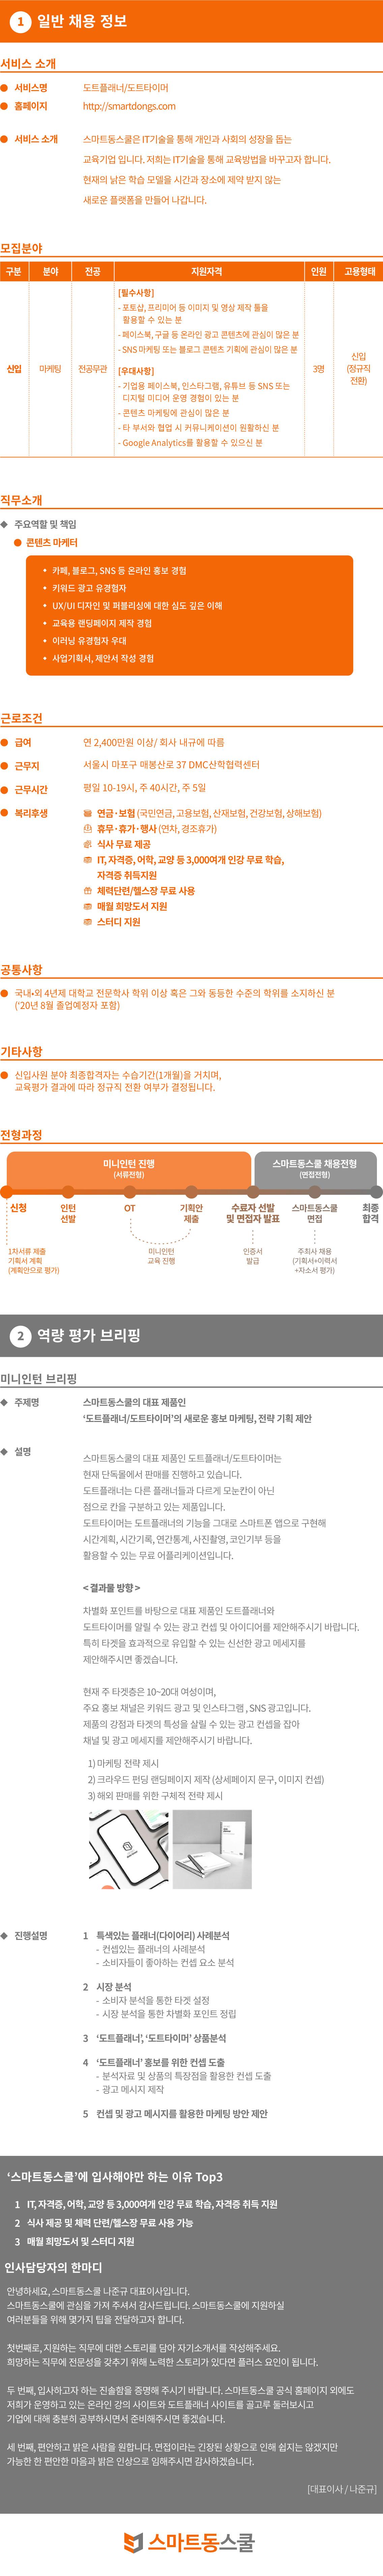 re_detail_0916.jpg